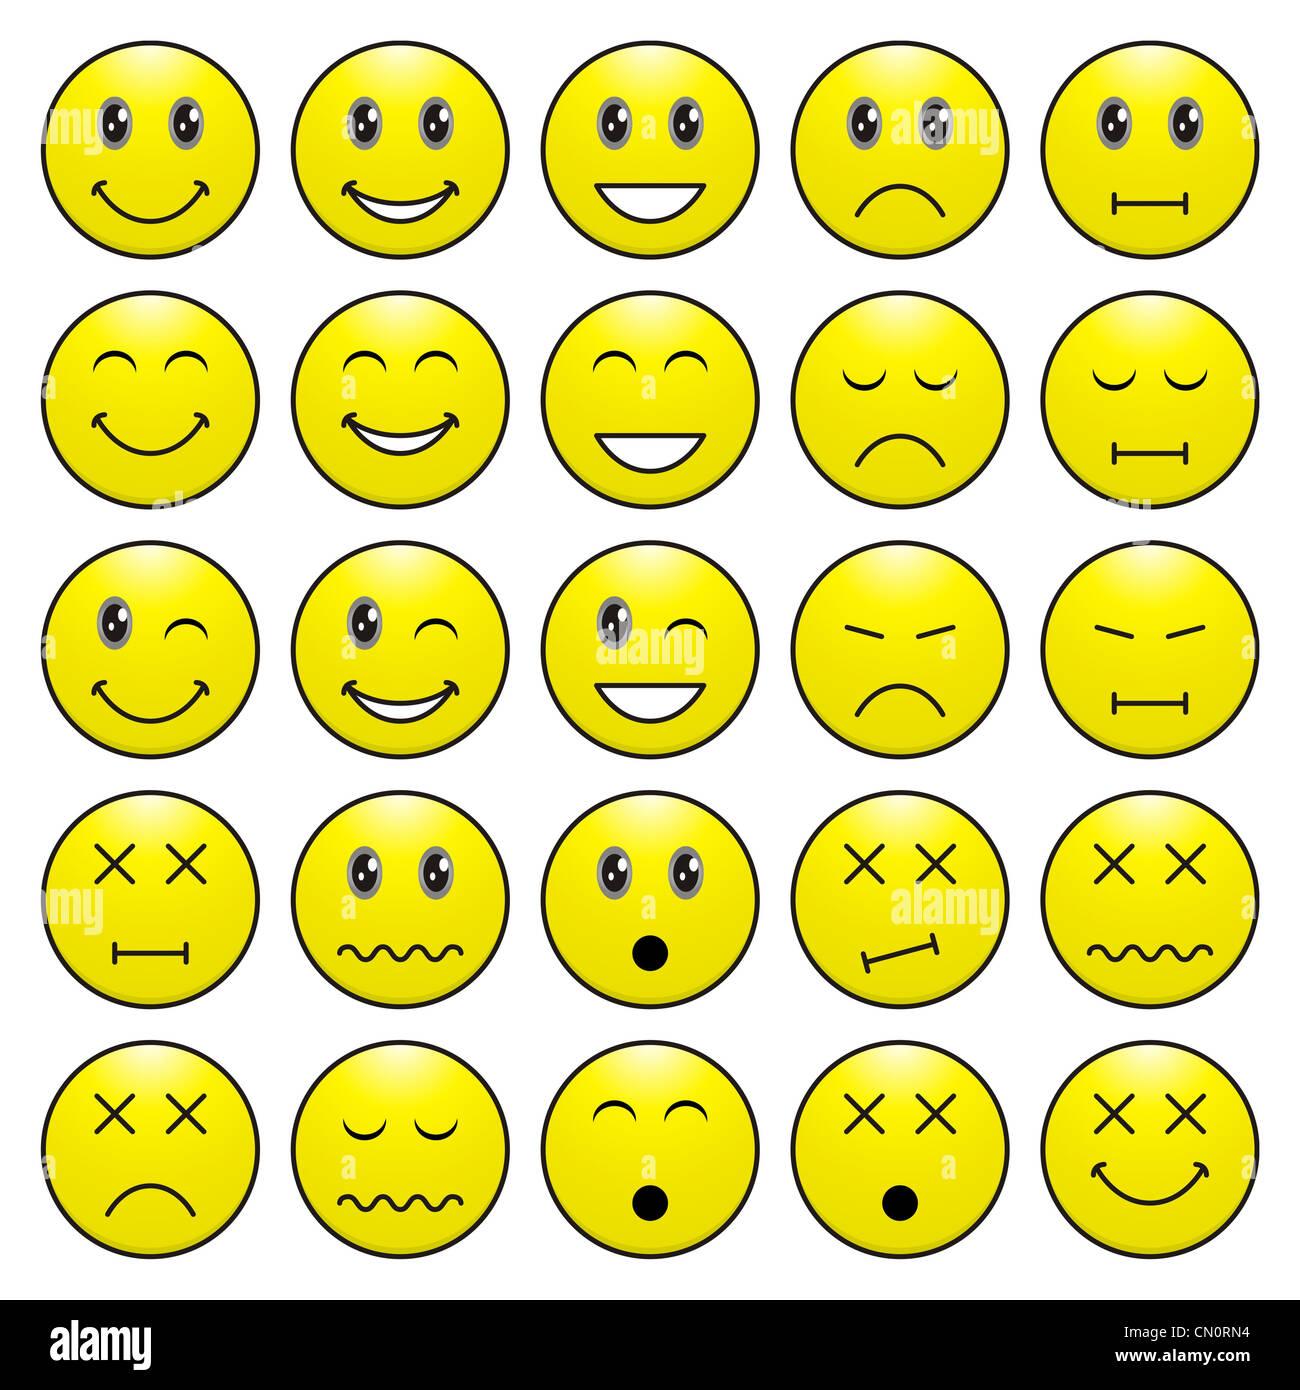 Pack de caras (emoticonos) con diferentes emociones expresión Imagen De Stock